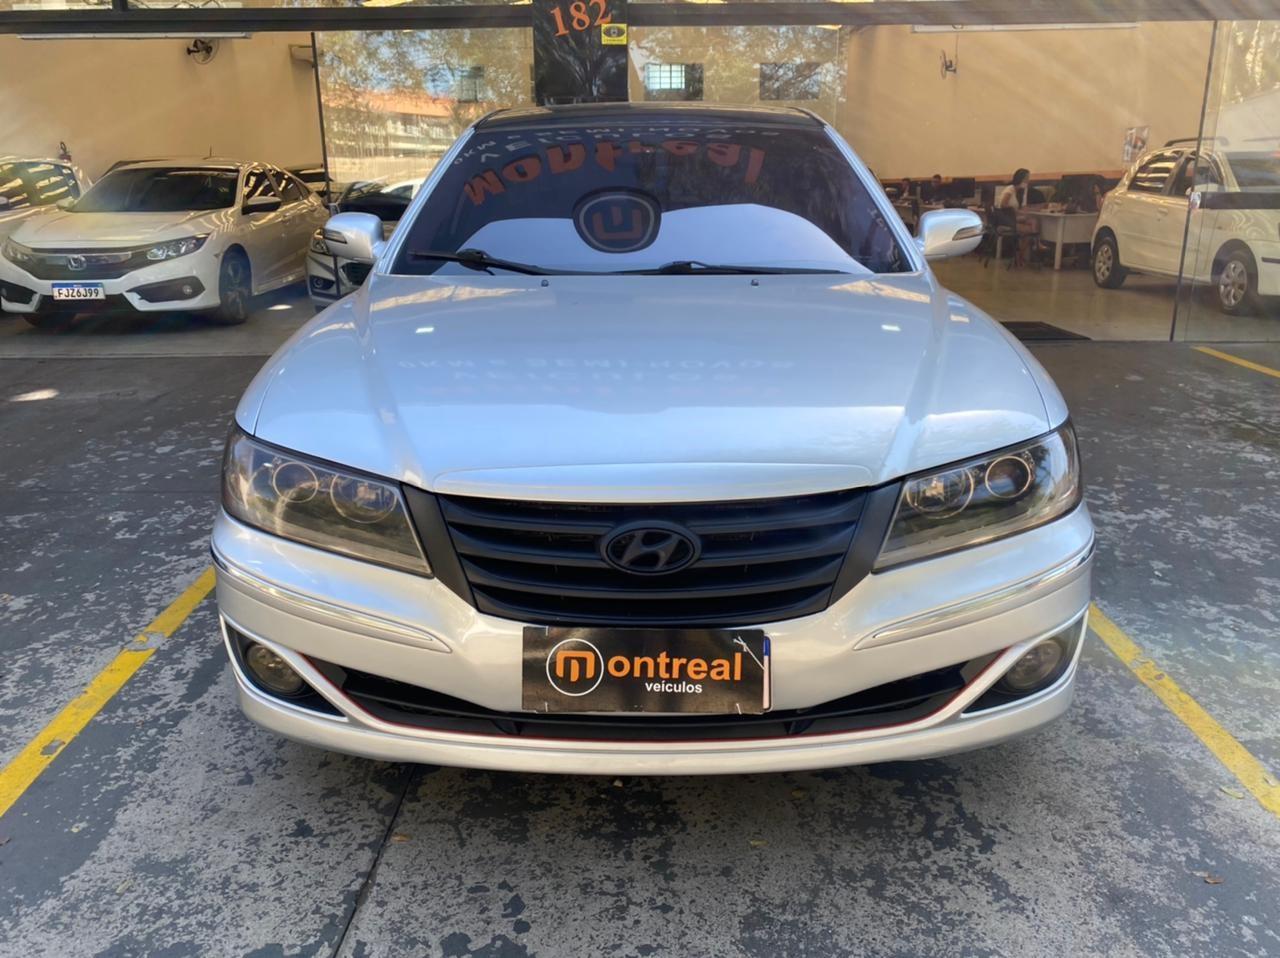 //www.autoline.com.br/carro/hyundai/azera-33-v6-24v-gasolina-4p-automatico/2011/piracicaba-sp/14760037